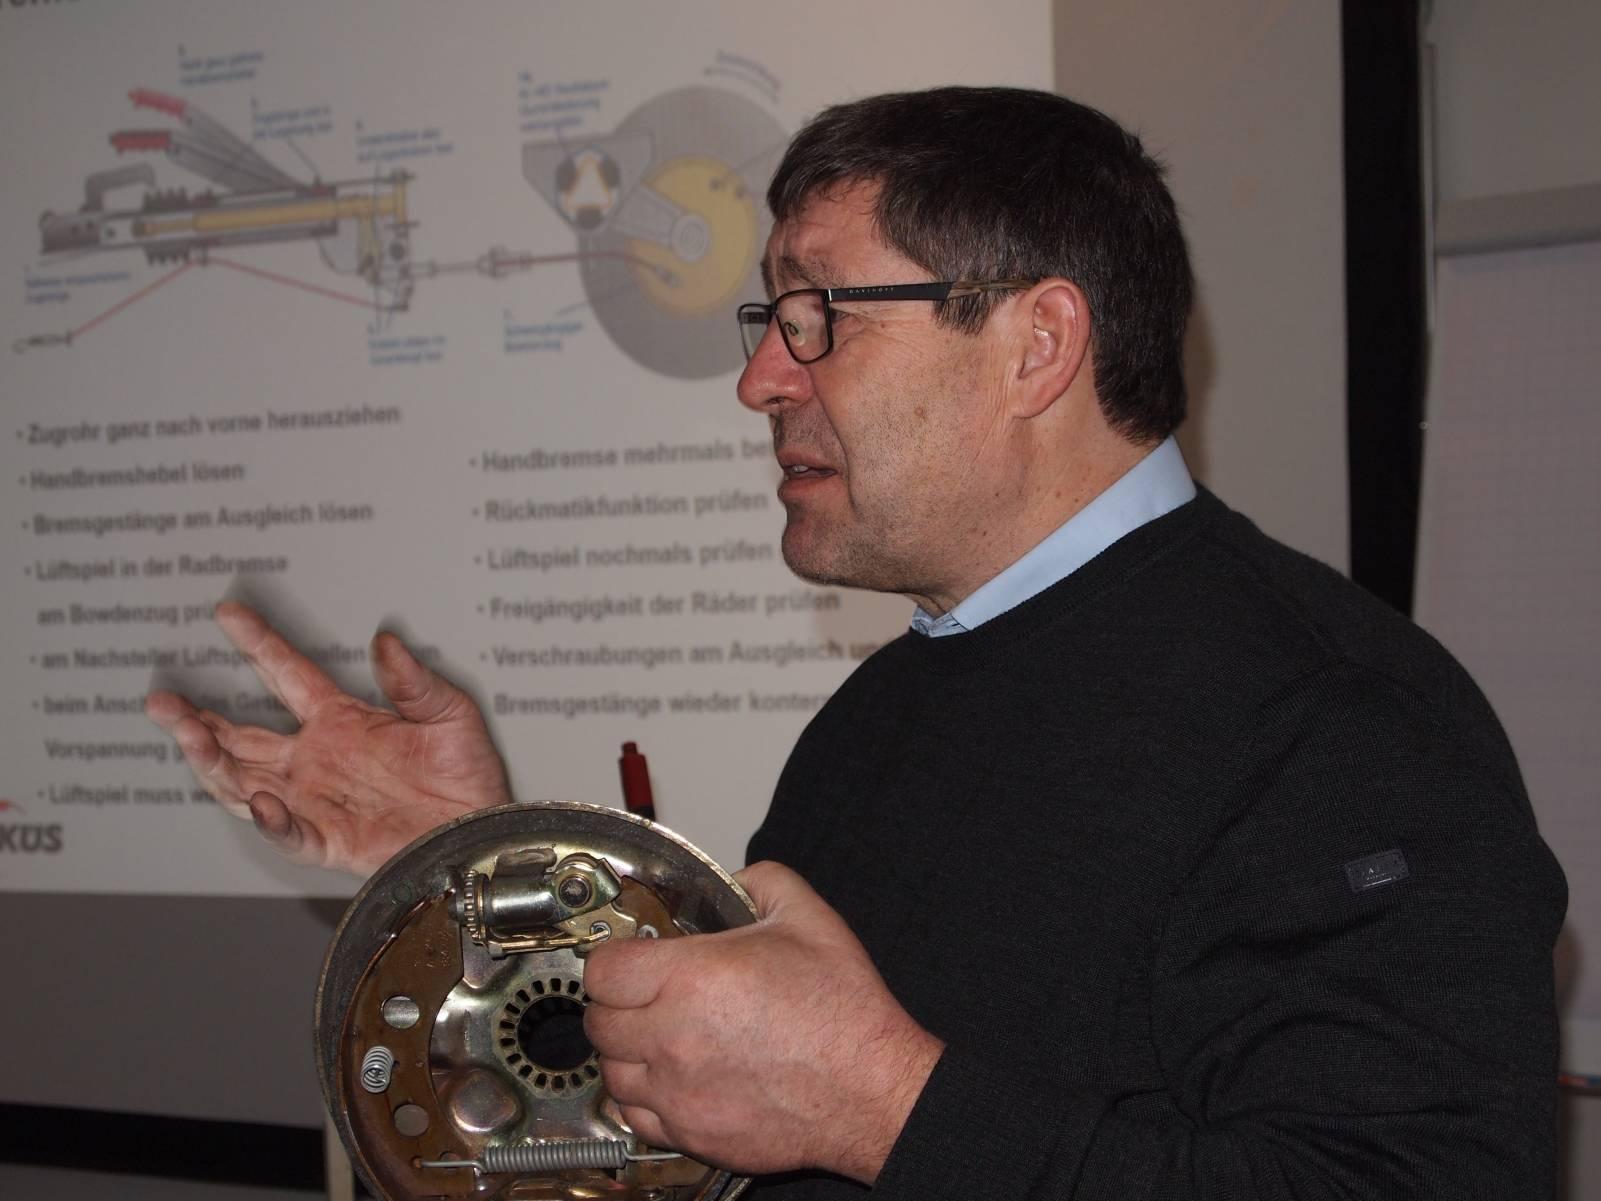 Foto von Michael Stedele beim Seminar zu Auflaufbremsen